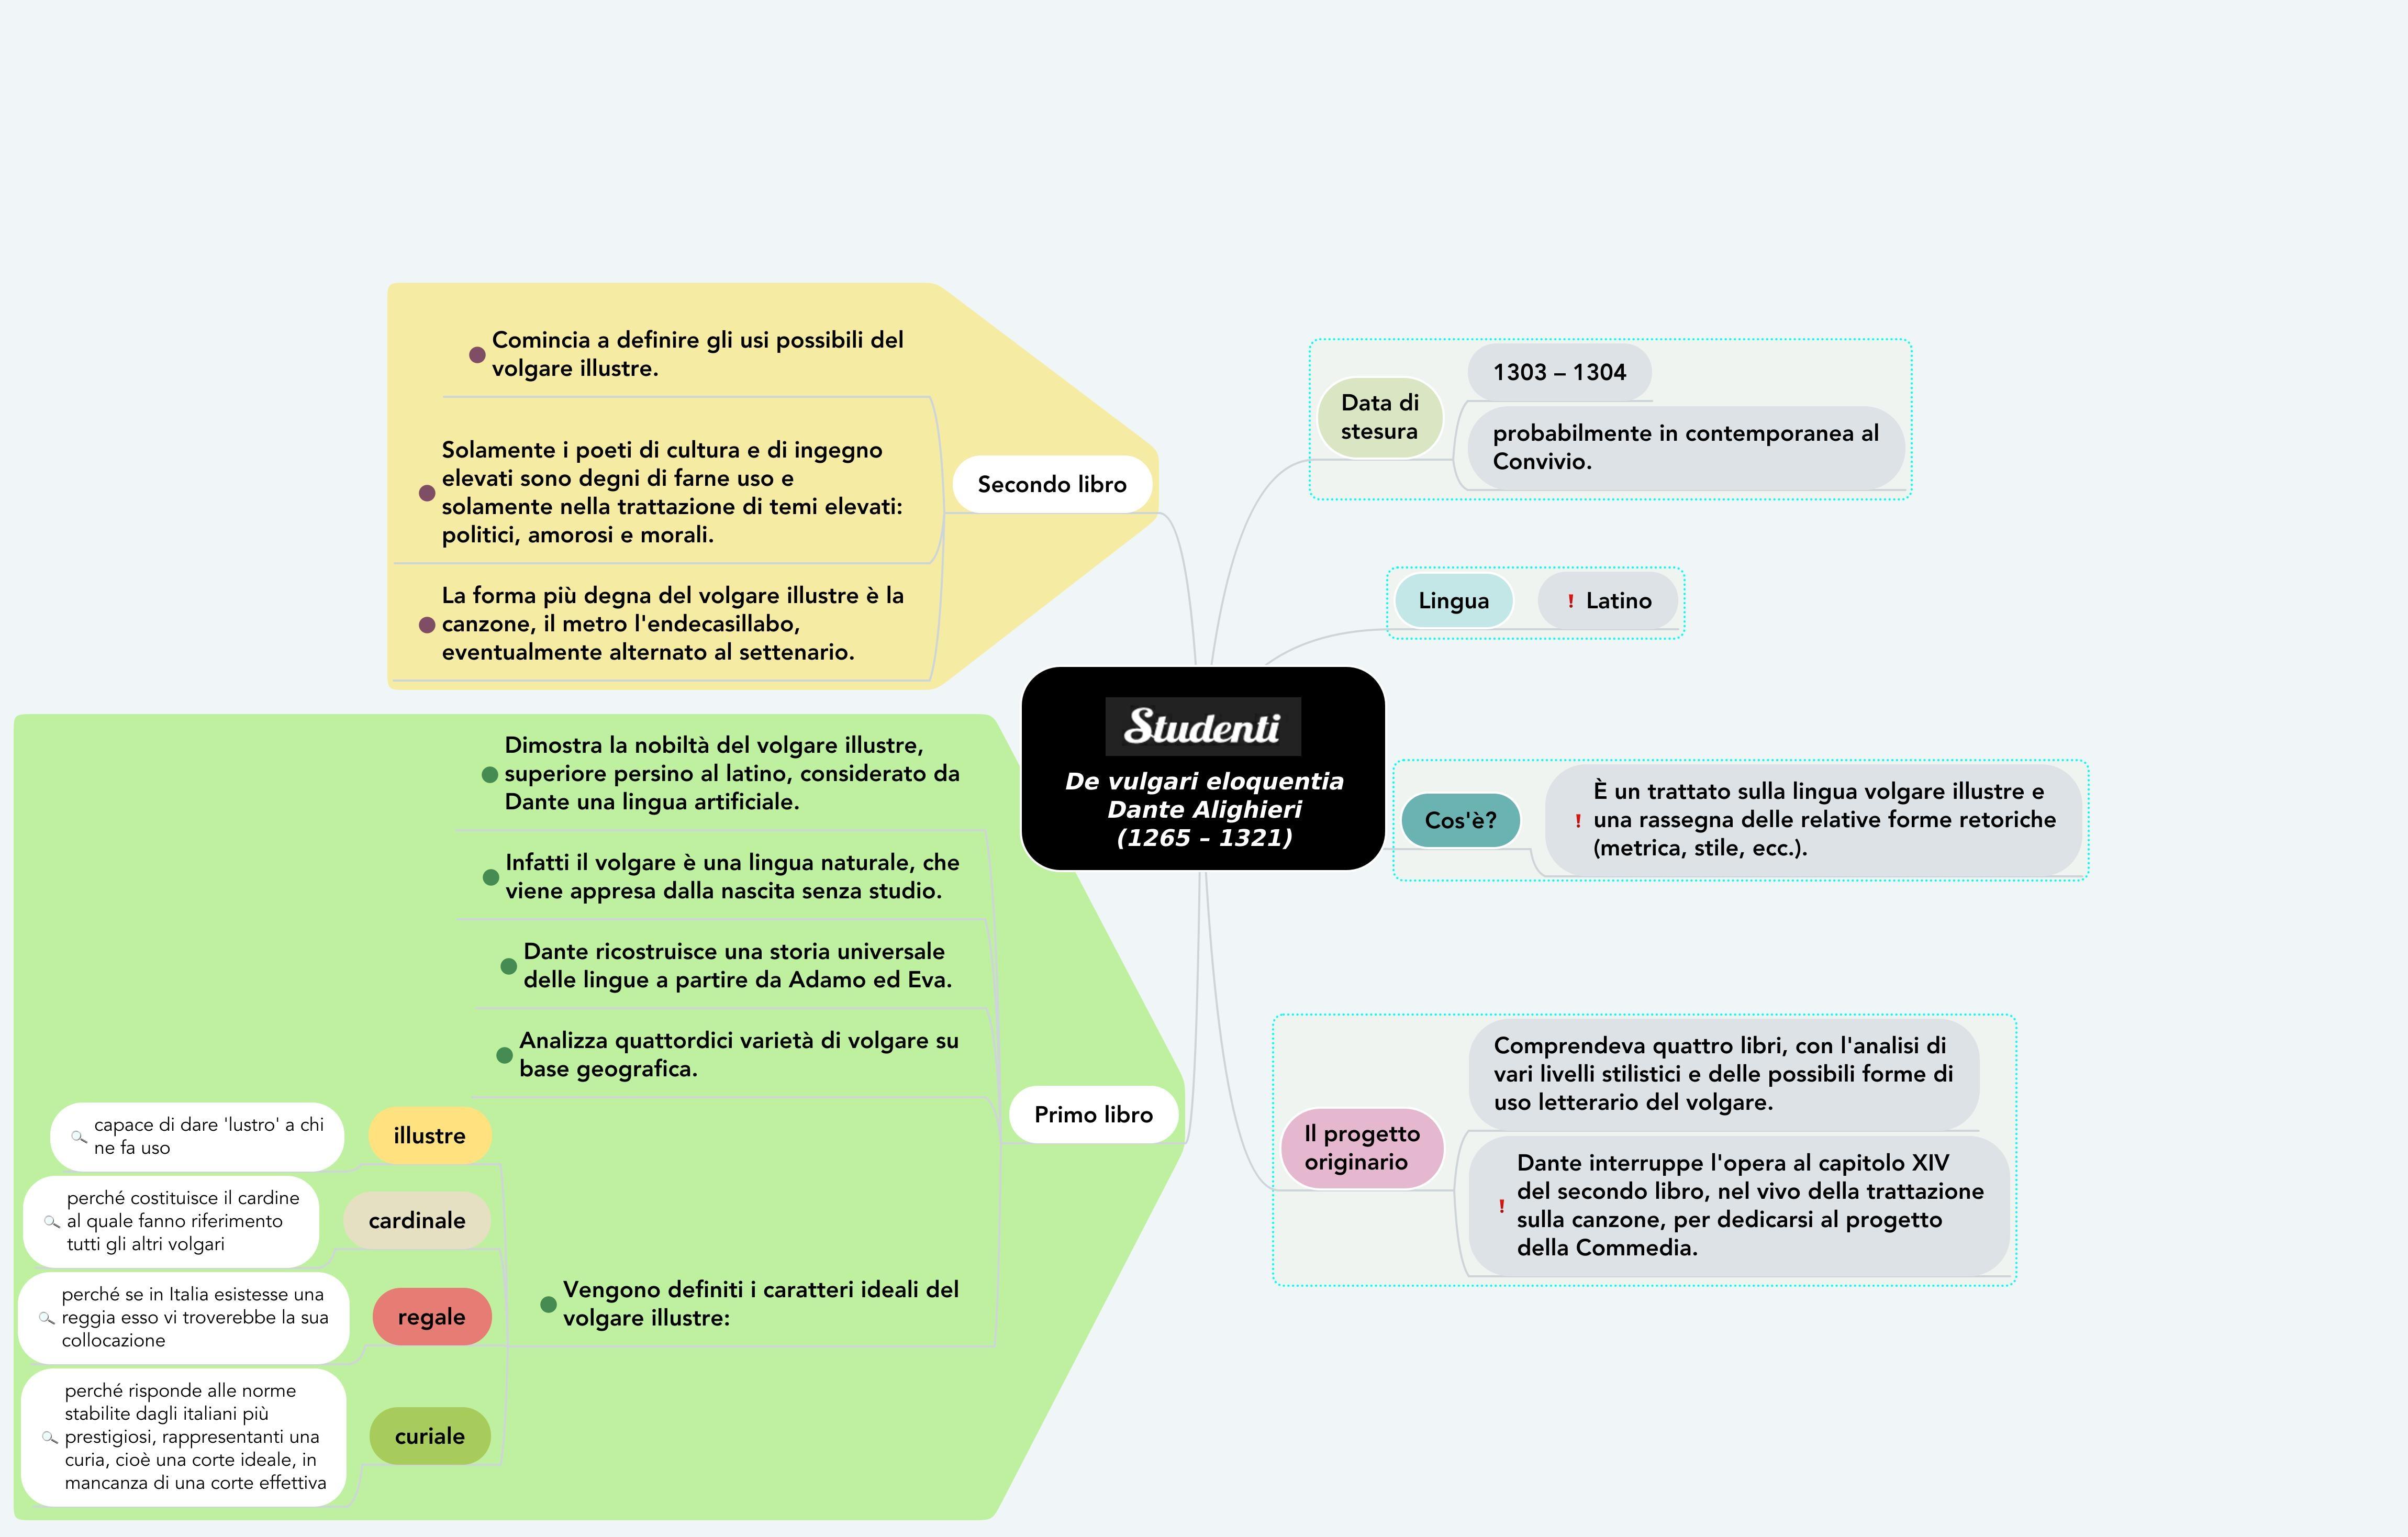 Dante Alighieri's De vulgari eloquentia concept map